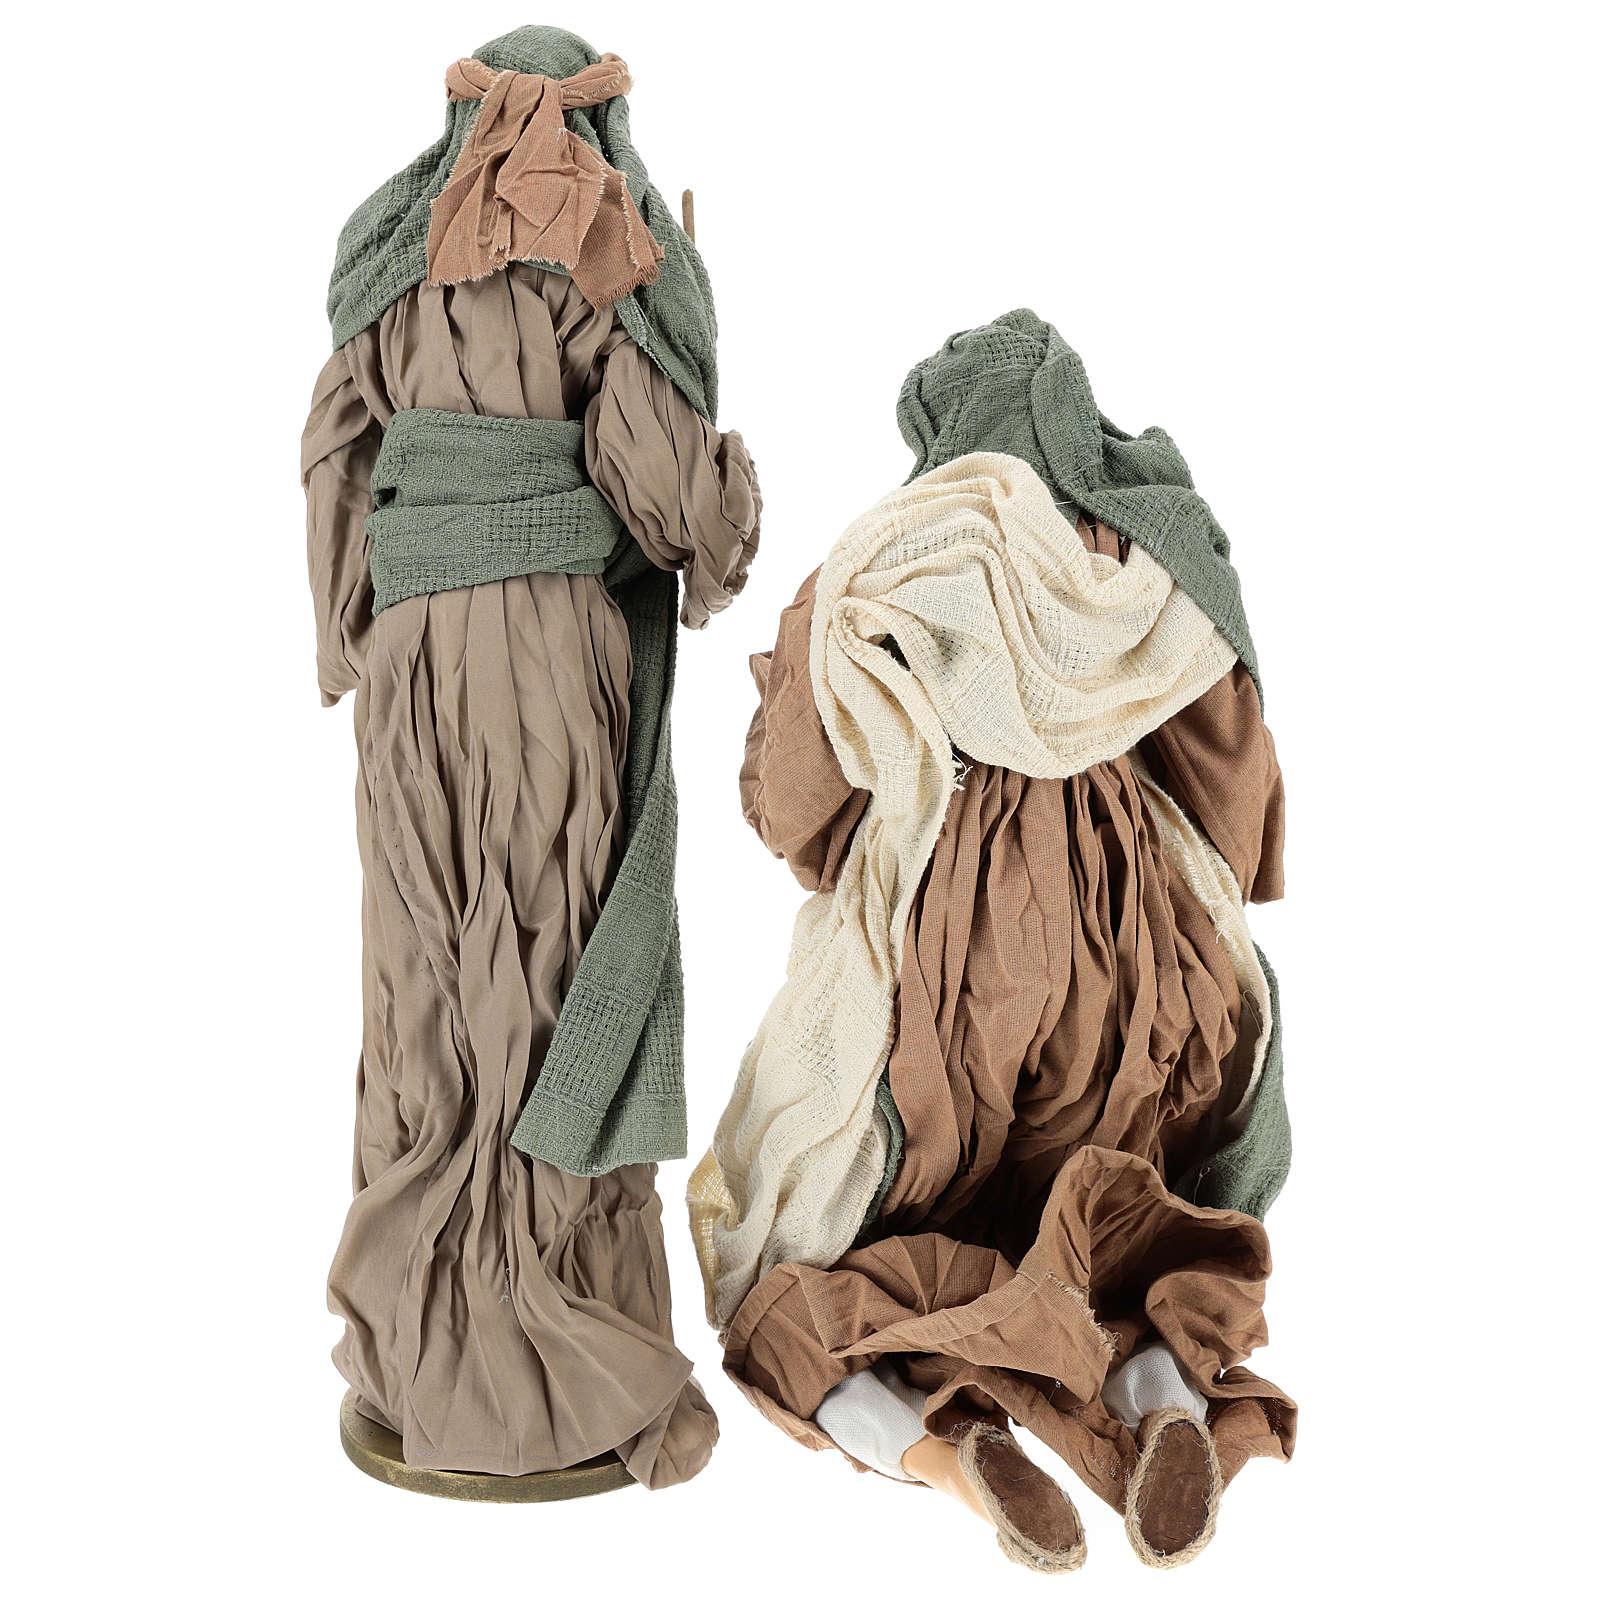 Natividade terracota e gaze verde e marrom presépio com figuras altura média 55 cm 3